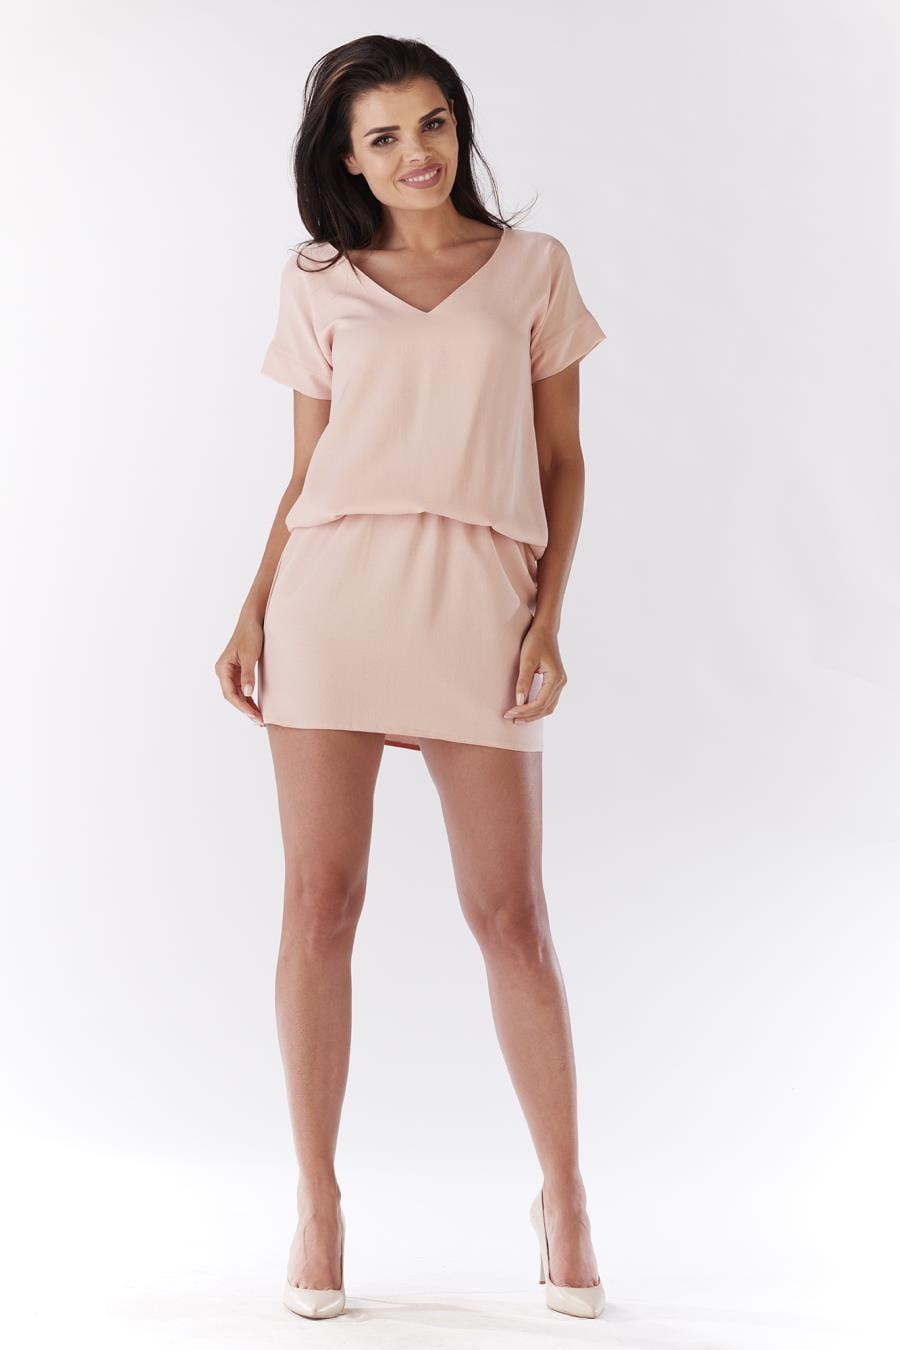 75e085b647 Sukienka Mini Pudrowy Róż AW178 BESIMA.pl